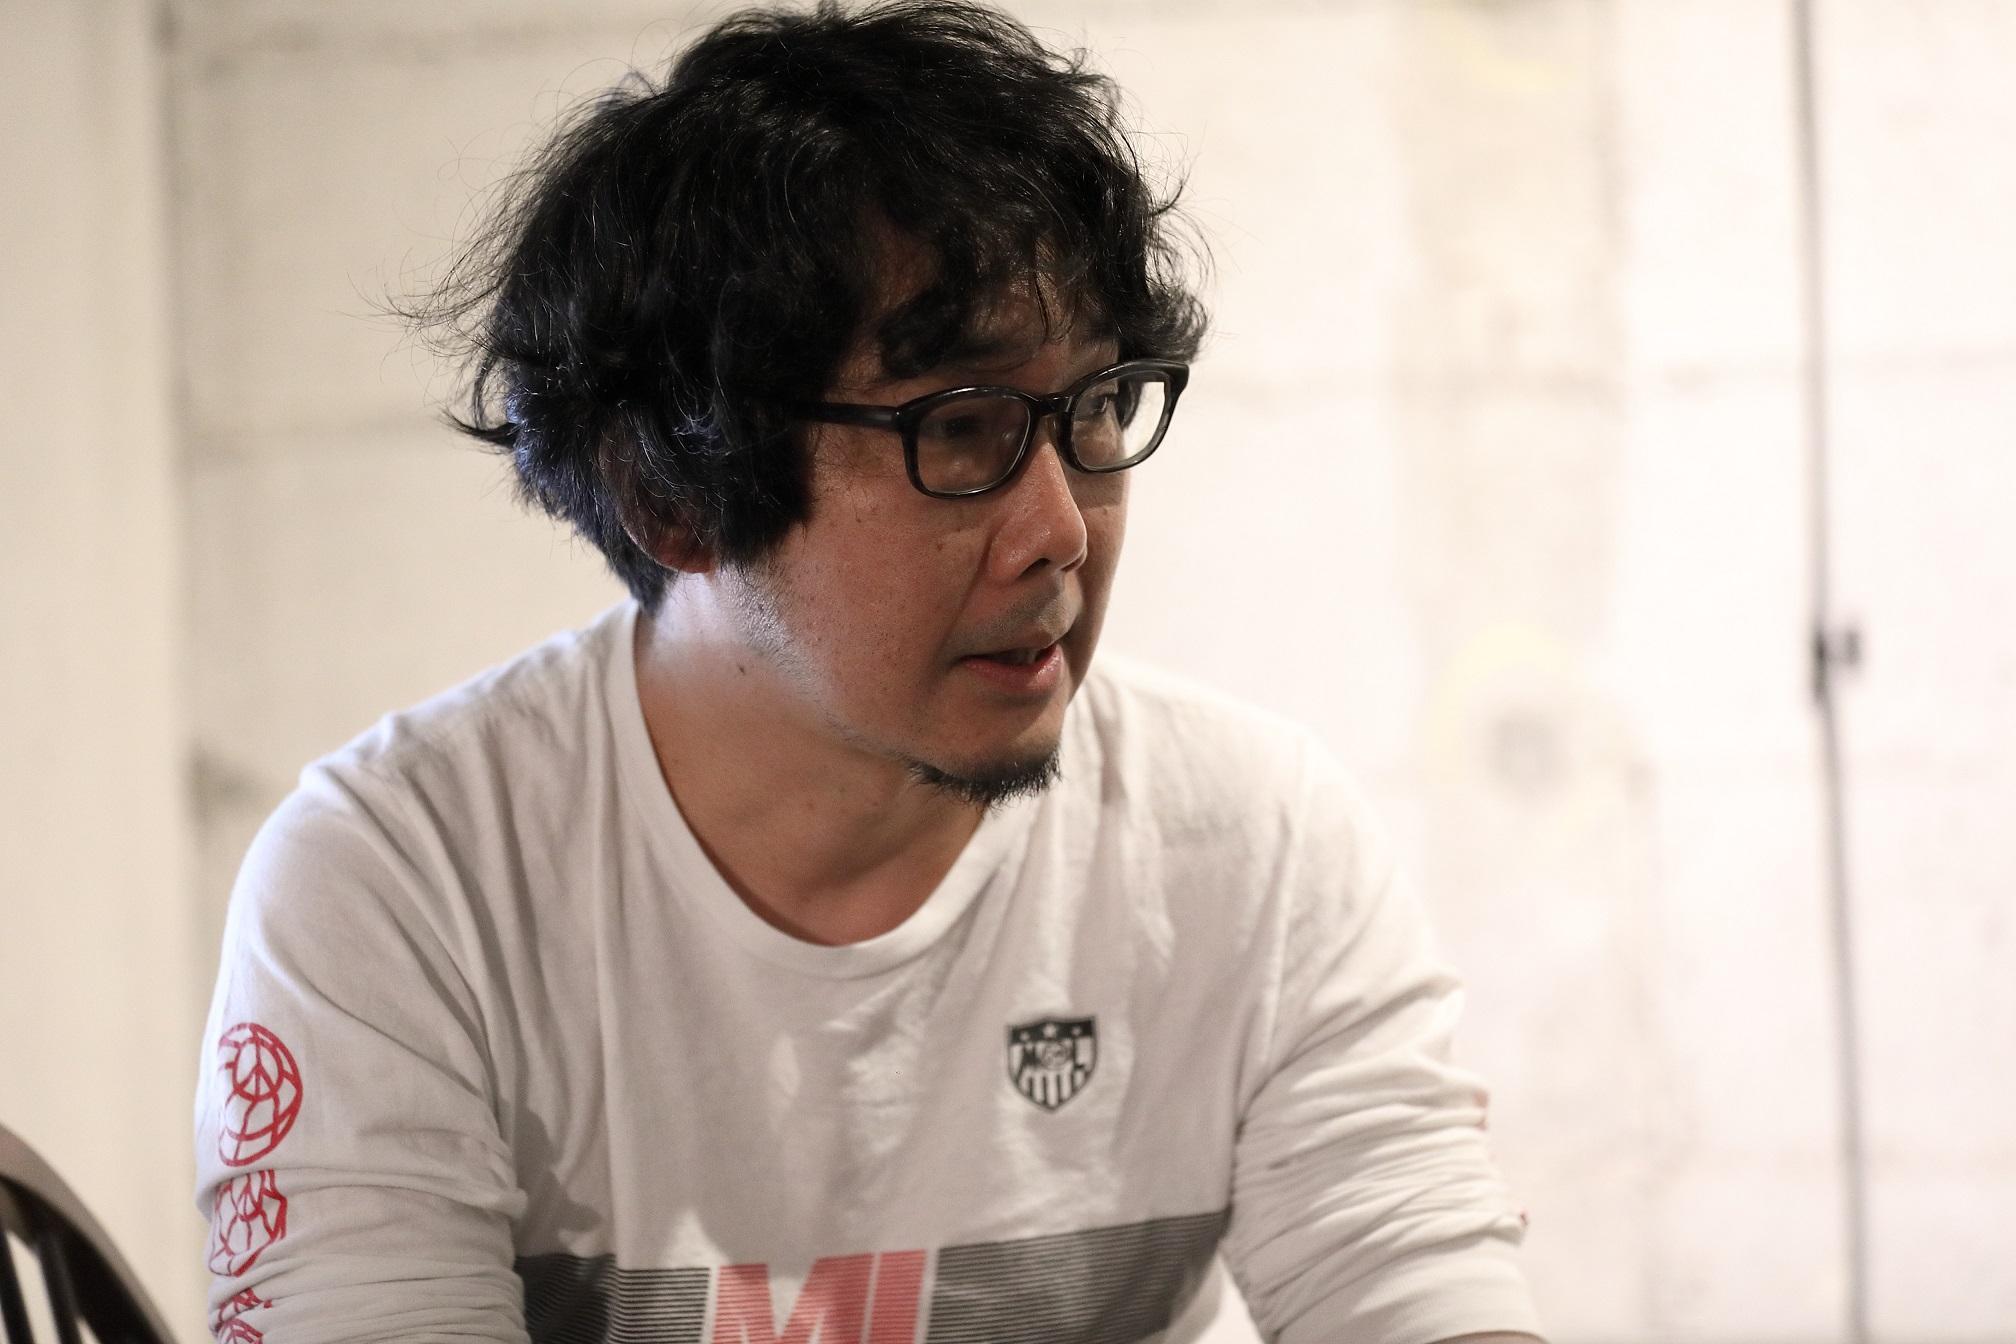 対談中の若林さんの様子_Wakabayashisan at the discussion.JPG